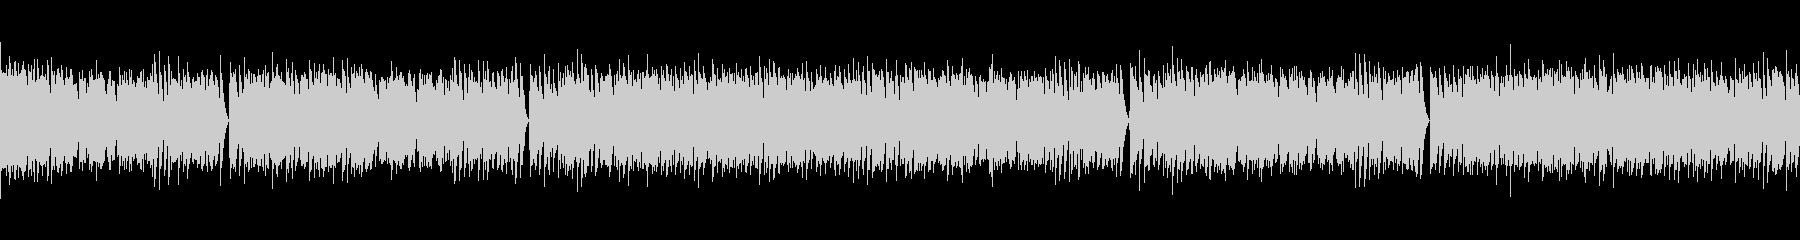 メイプルリーフラグ ピアノ(2)の未再生の波形